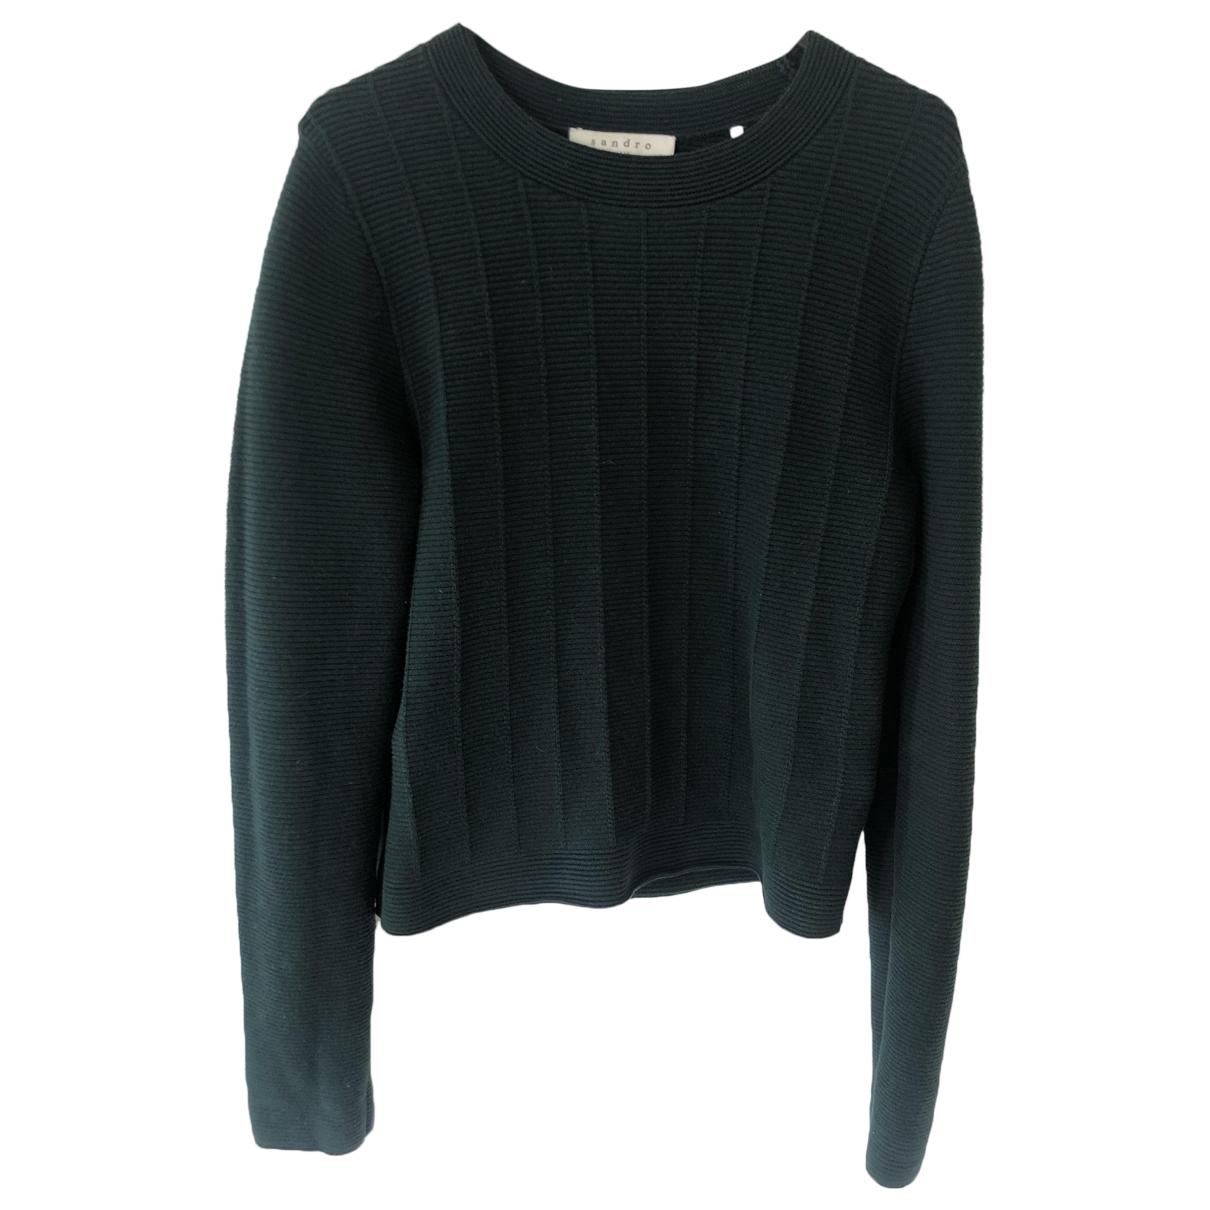 Sandro \N Green Cotton Knitwear for Women 1 0-5